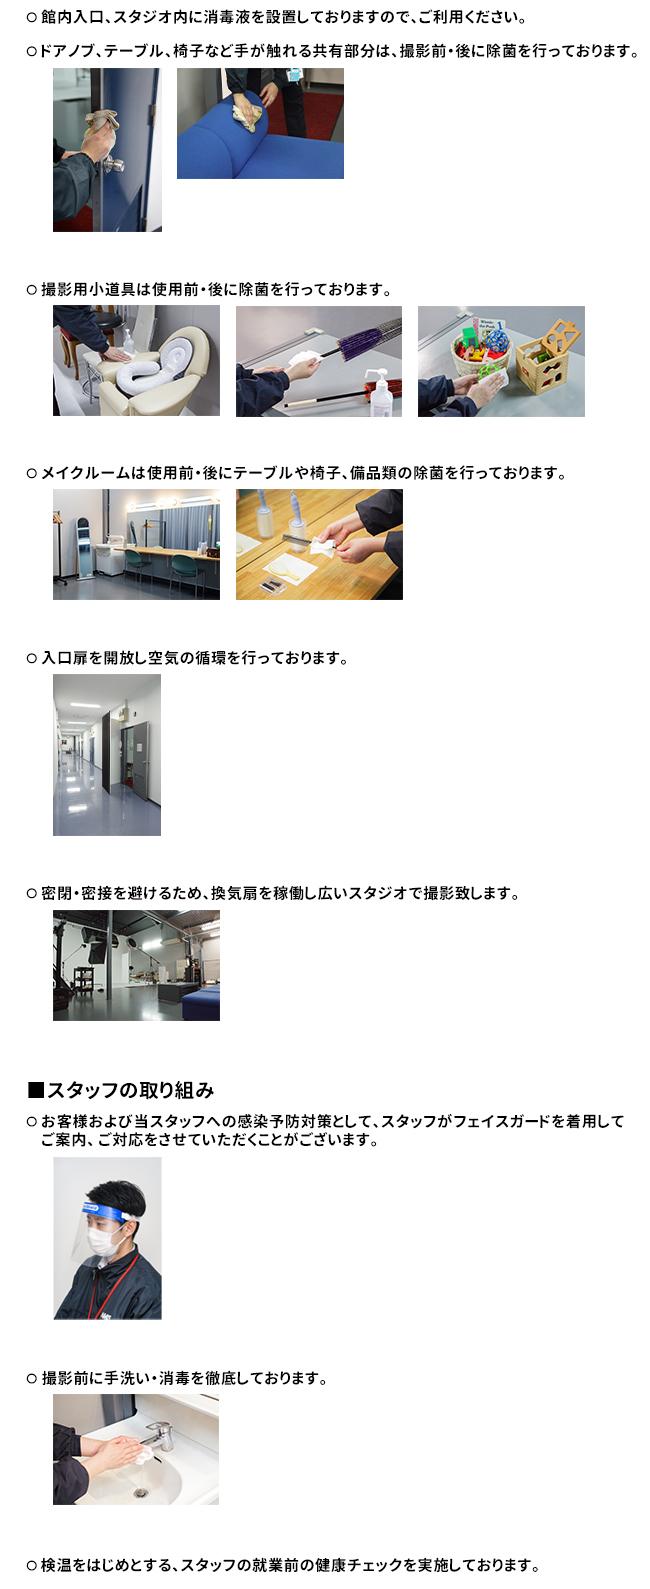 スタジオ感染予防対策_2.jpg